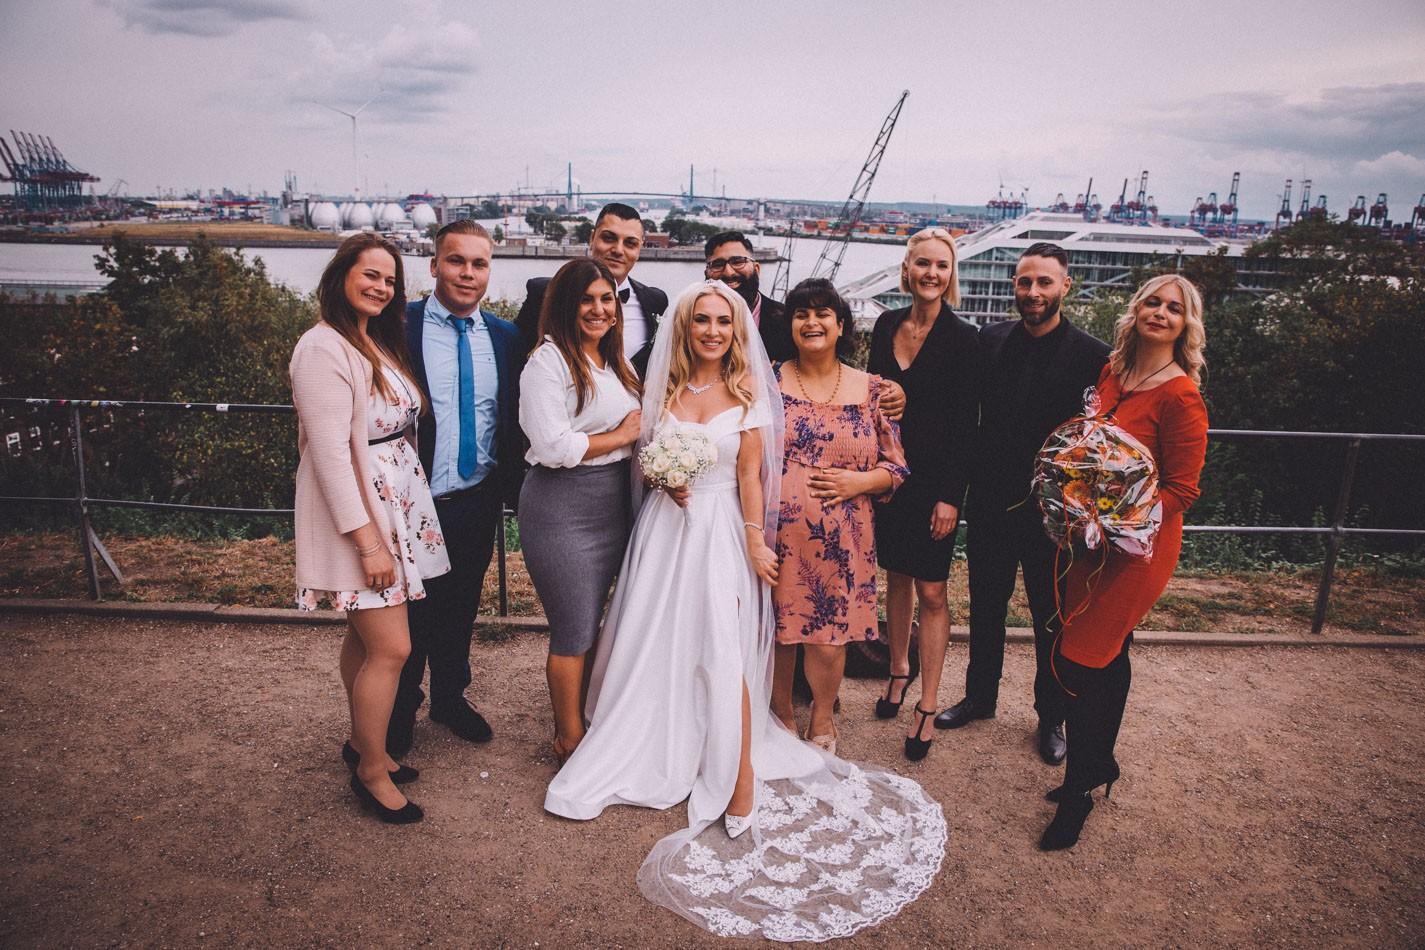 Hochzeitsfotoshooting an der Elbe in Hamburg